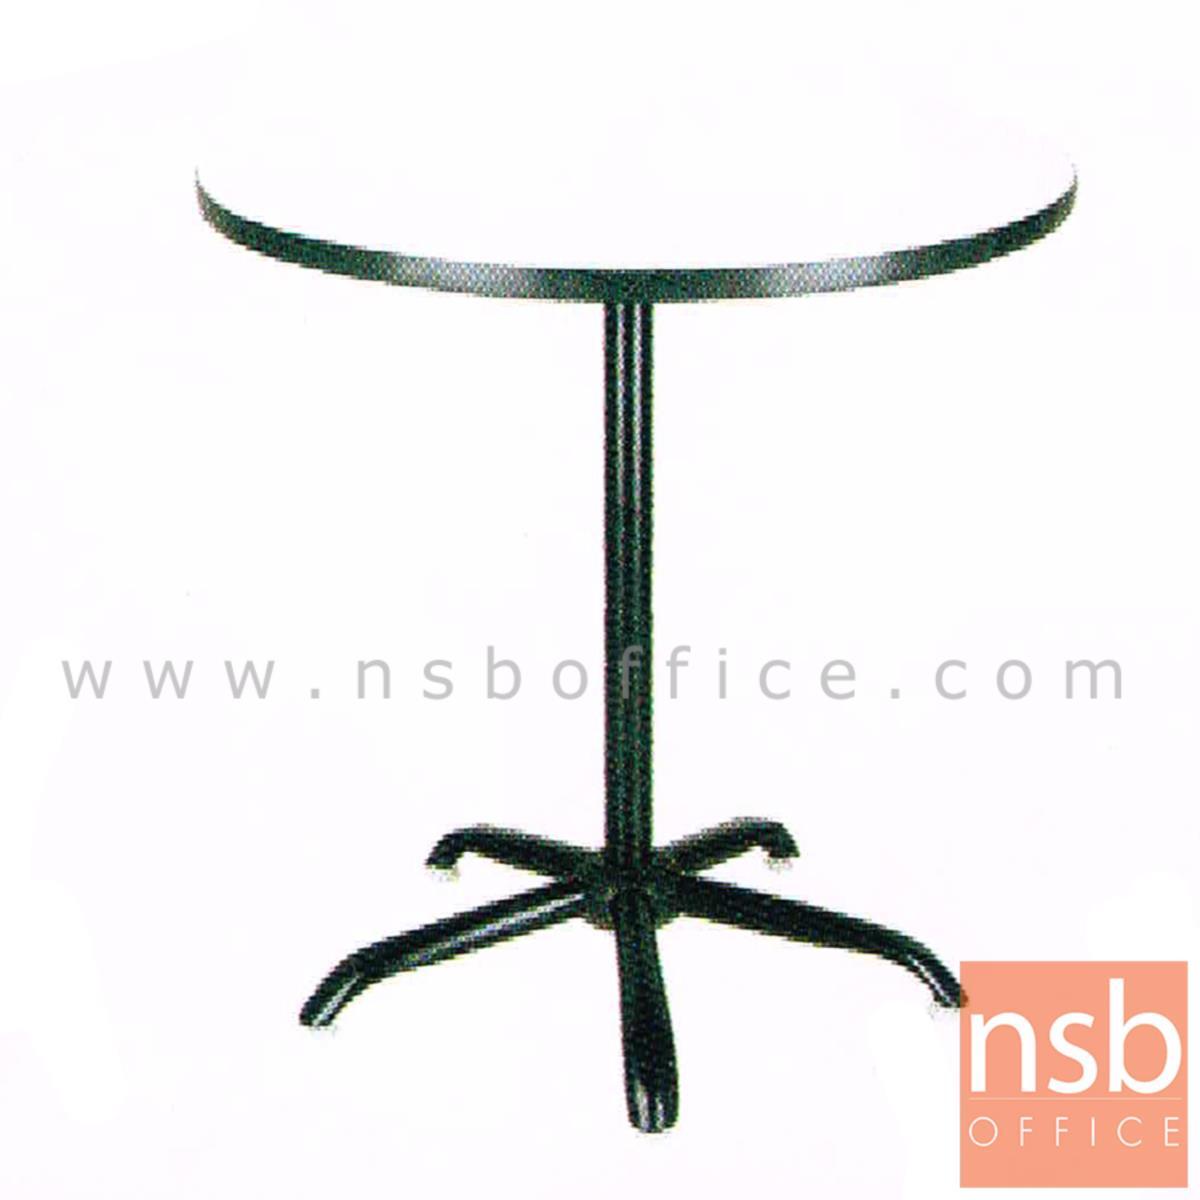 A07A078:โต๊ะคอฟฟี่ช็อป หน้าโฟเมก้า รุ่น Rugby (รักบี้)  ขนาด 60Di 75H cm. โครงขาเหล็ก 5 แฉกสีดำ